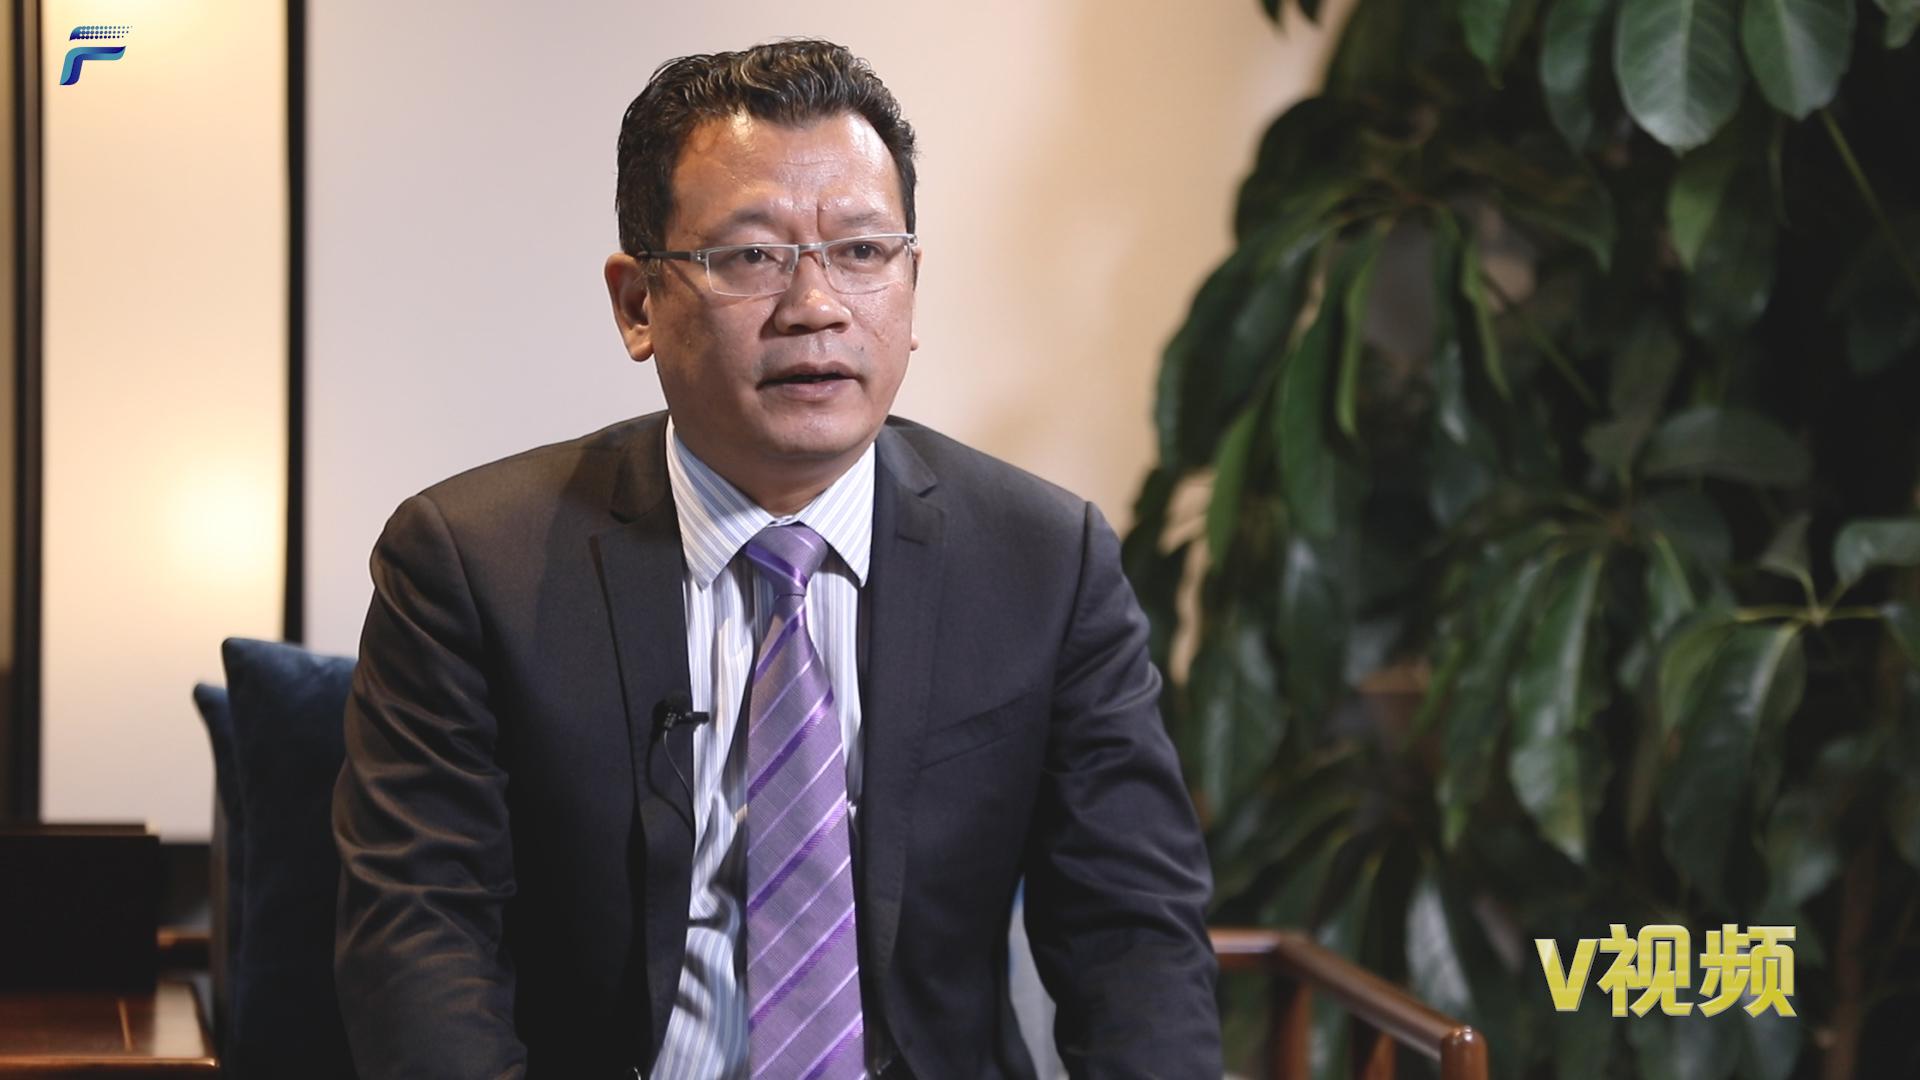 张先国:营商环境未来应多关注产业配套